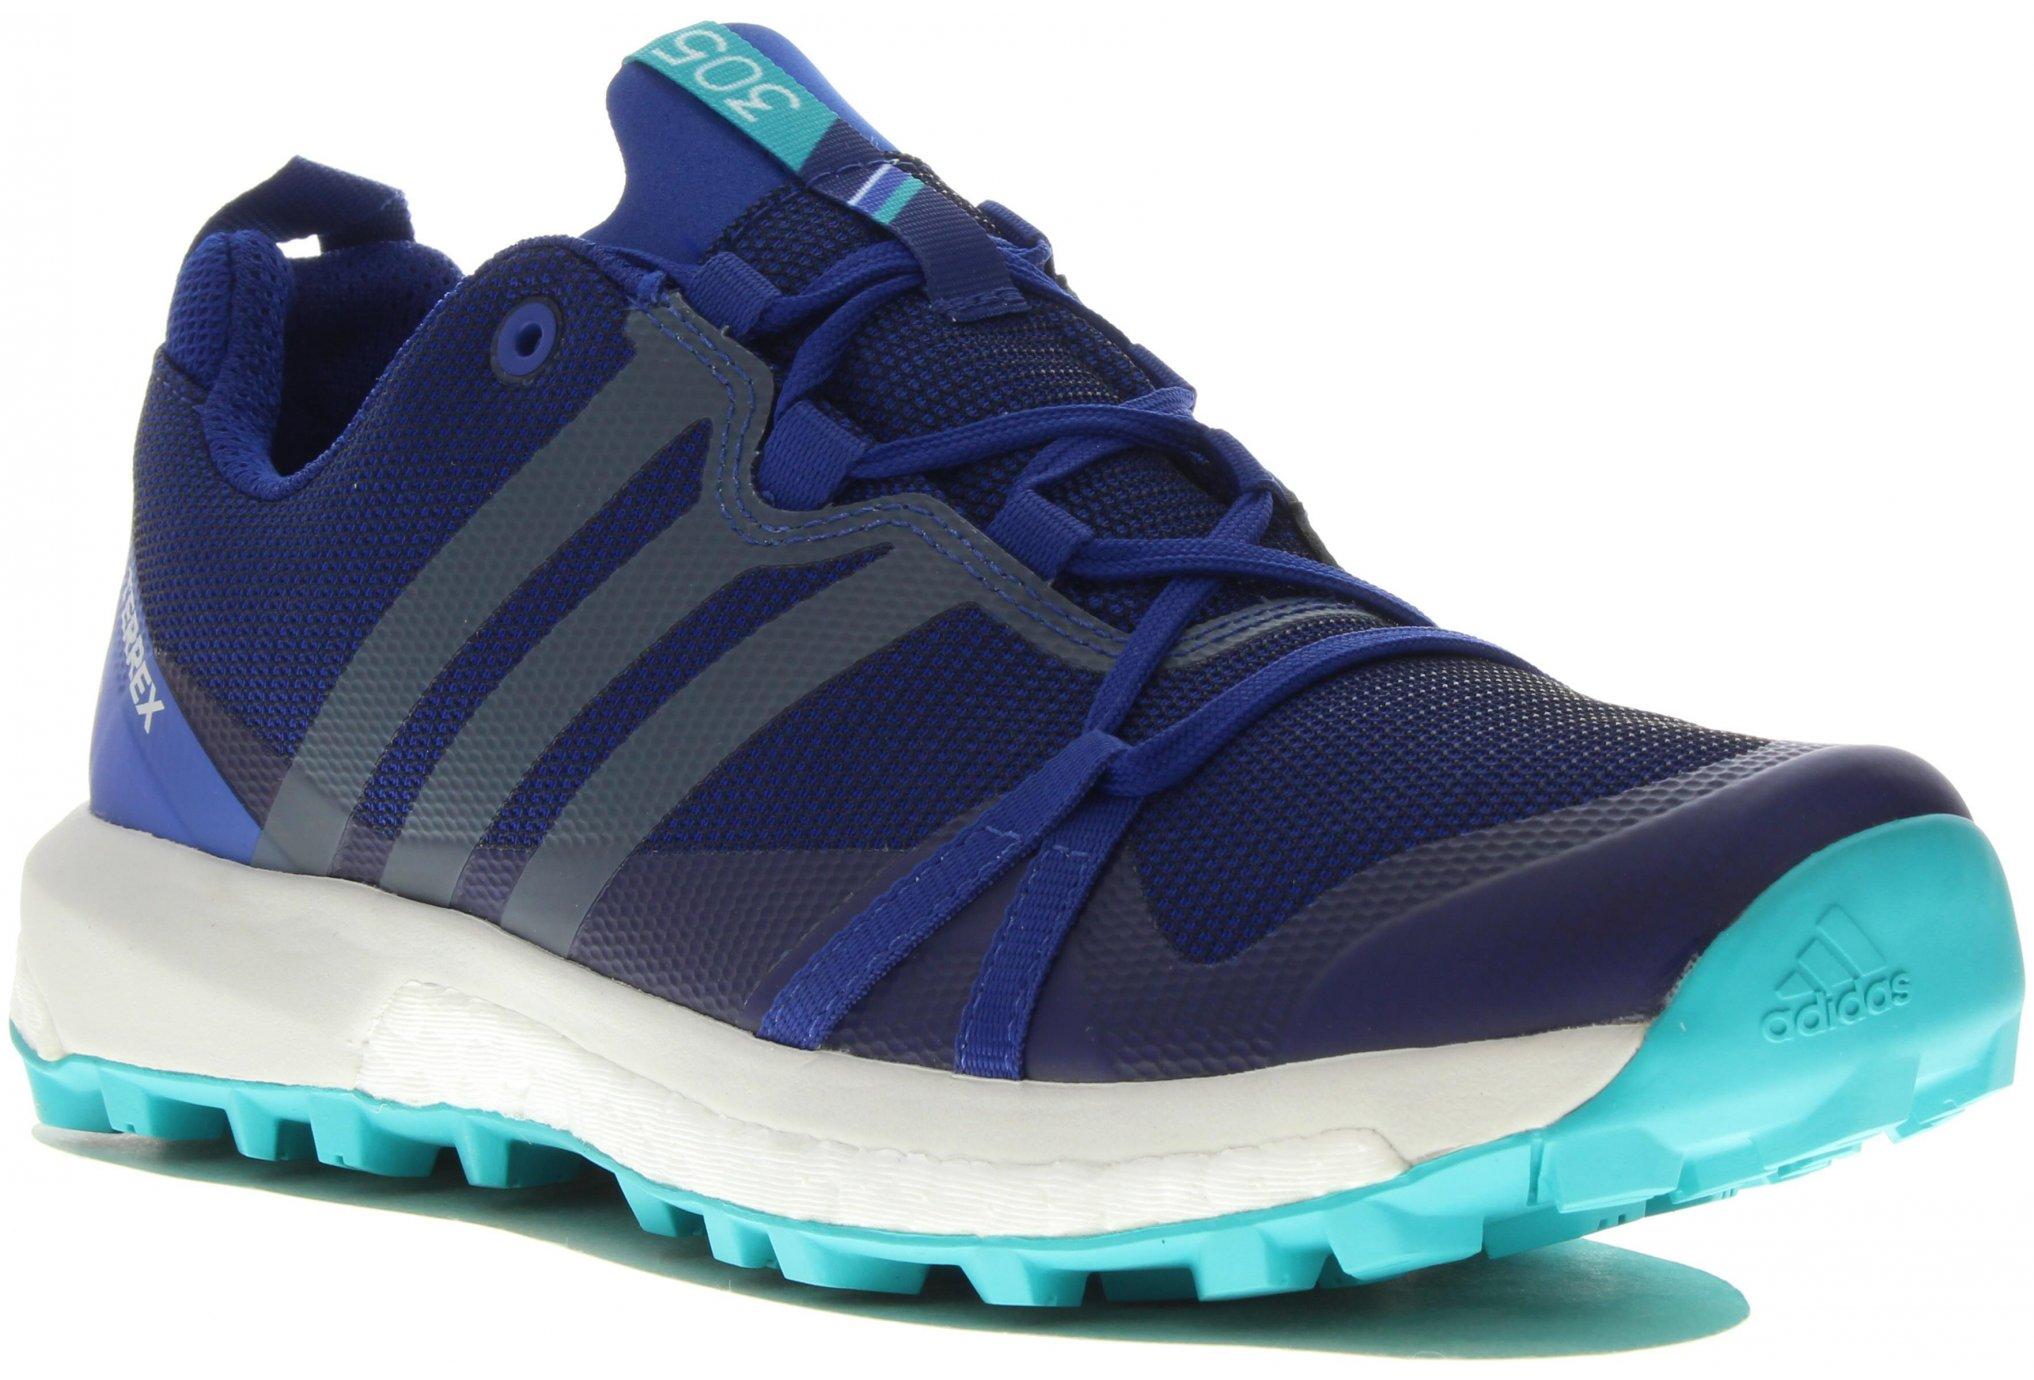 Adidas Terrex agravic gore-Tex w diététique chaussures femme